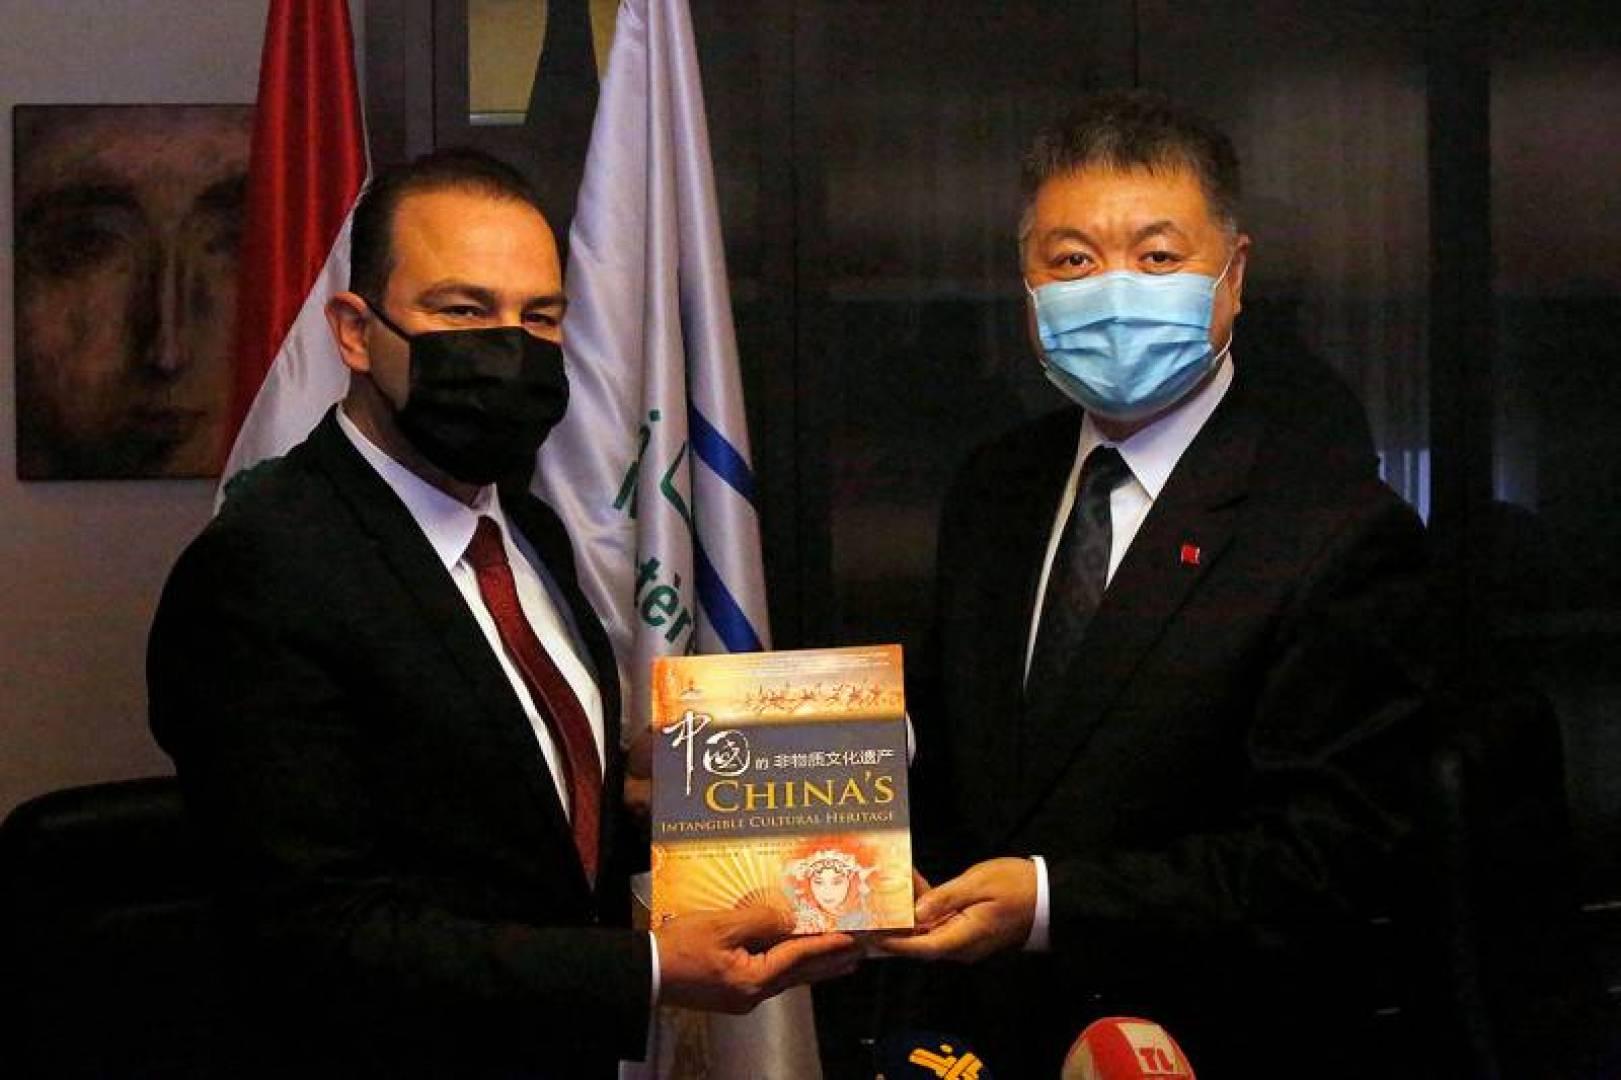 فورين بوليسي: الصين تريد أن تصبح المنقذ للبنان